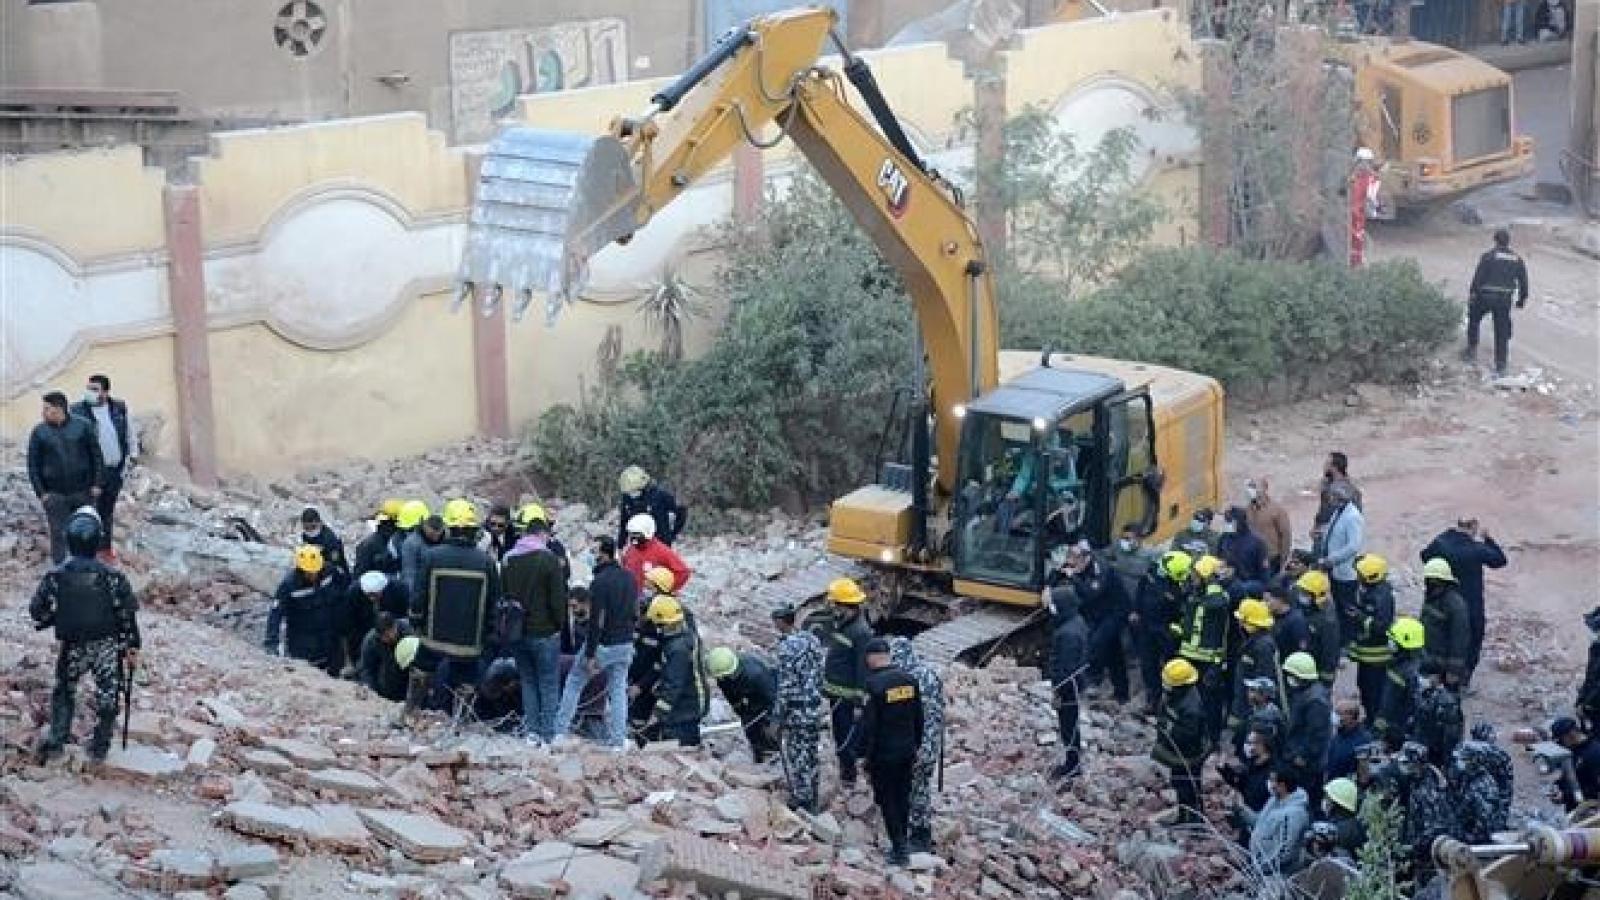 Cập nhật vụ sập nhà 10 tầng ở Ai Cập: 50 người thương vong